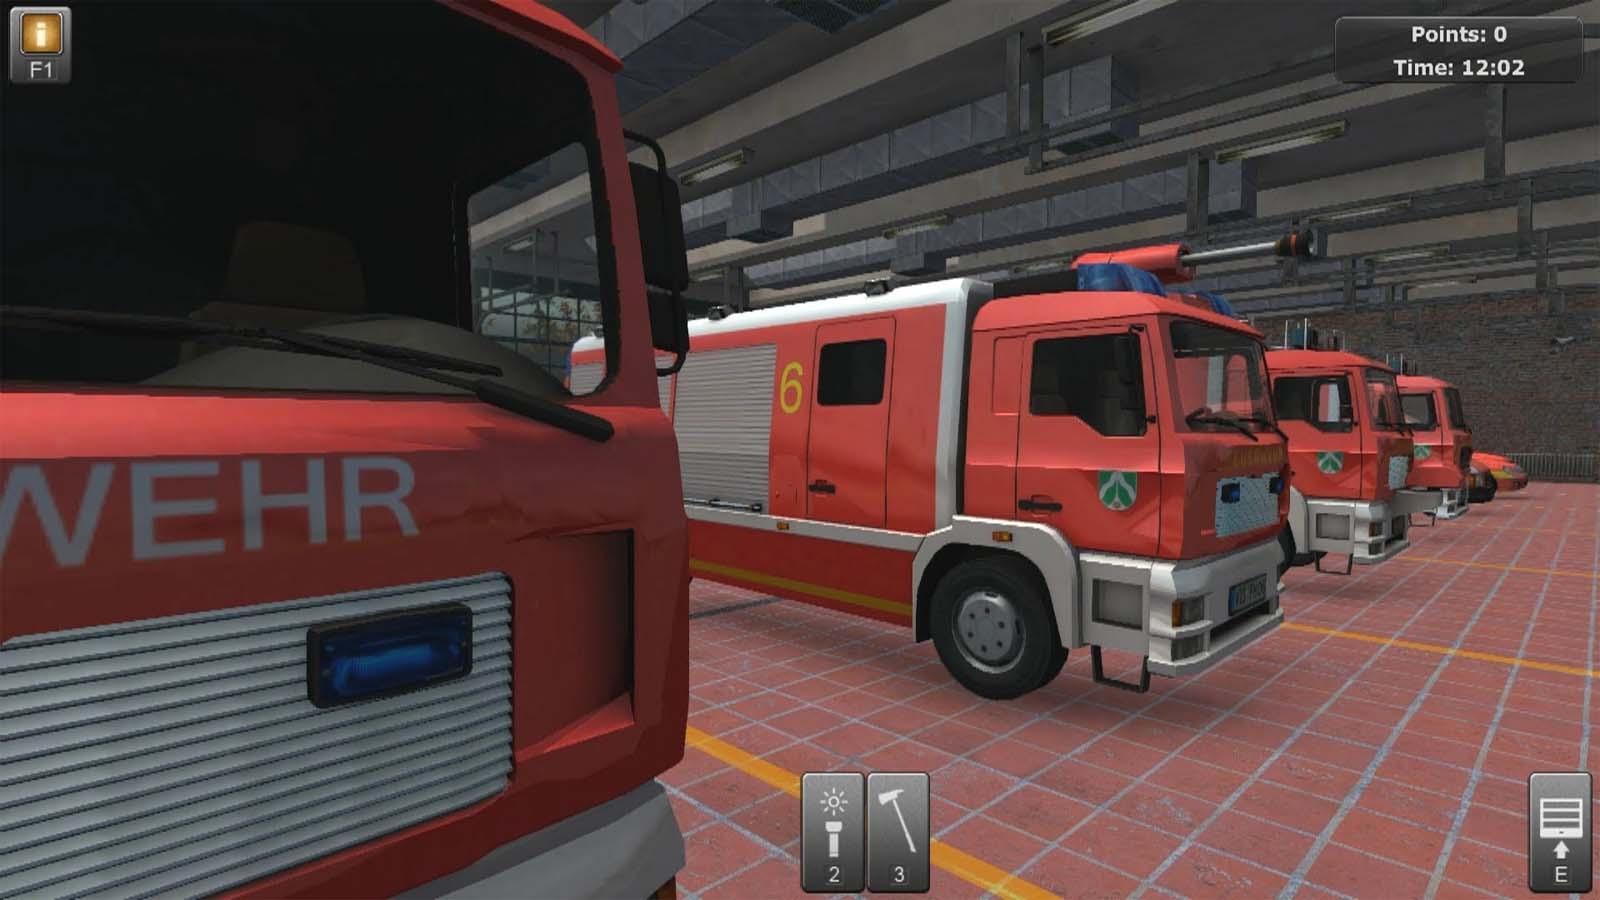 تحميل لعبة Plant Firefighter Simulator مضغوطة برابط واحد مباشر + تورنت كاملة مجانا